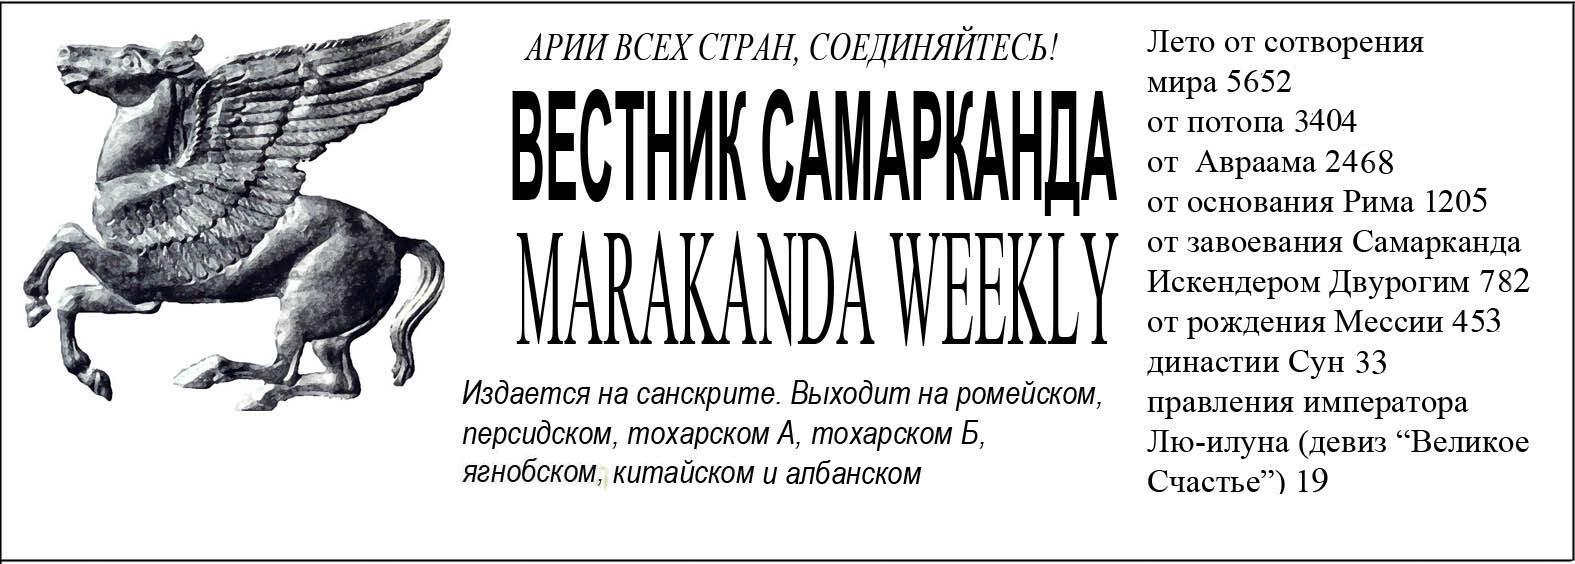 Вестник Самарканда 453.jpg